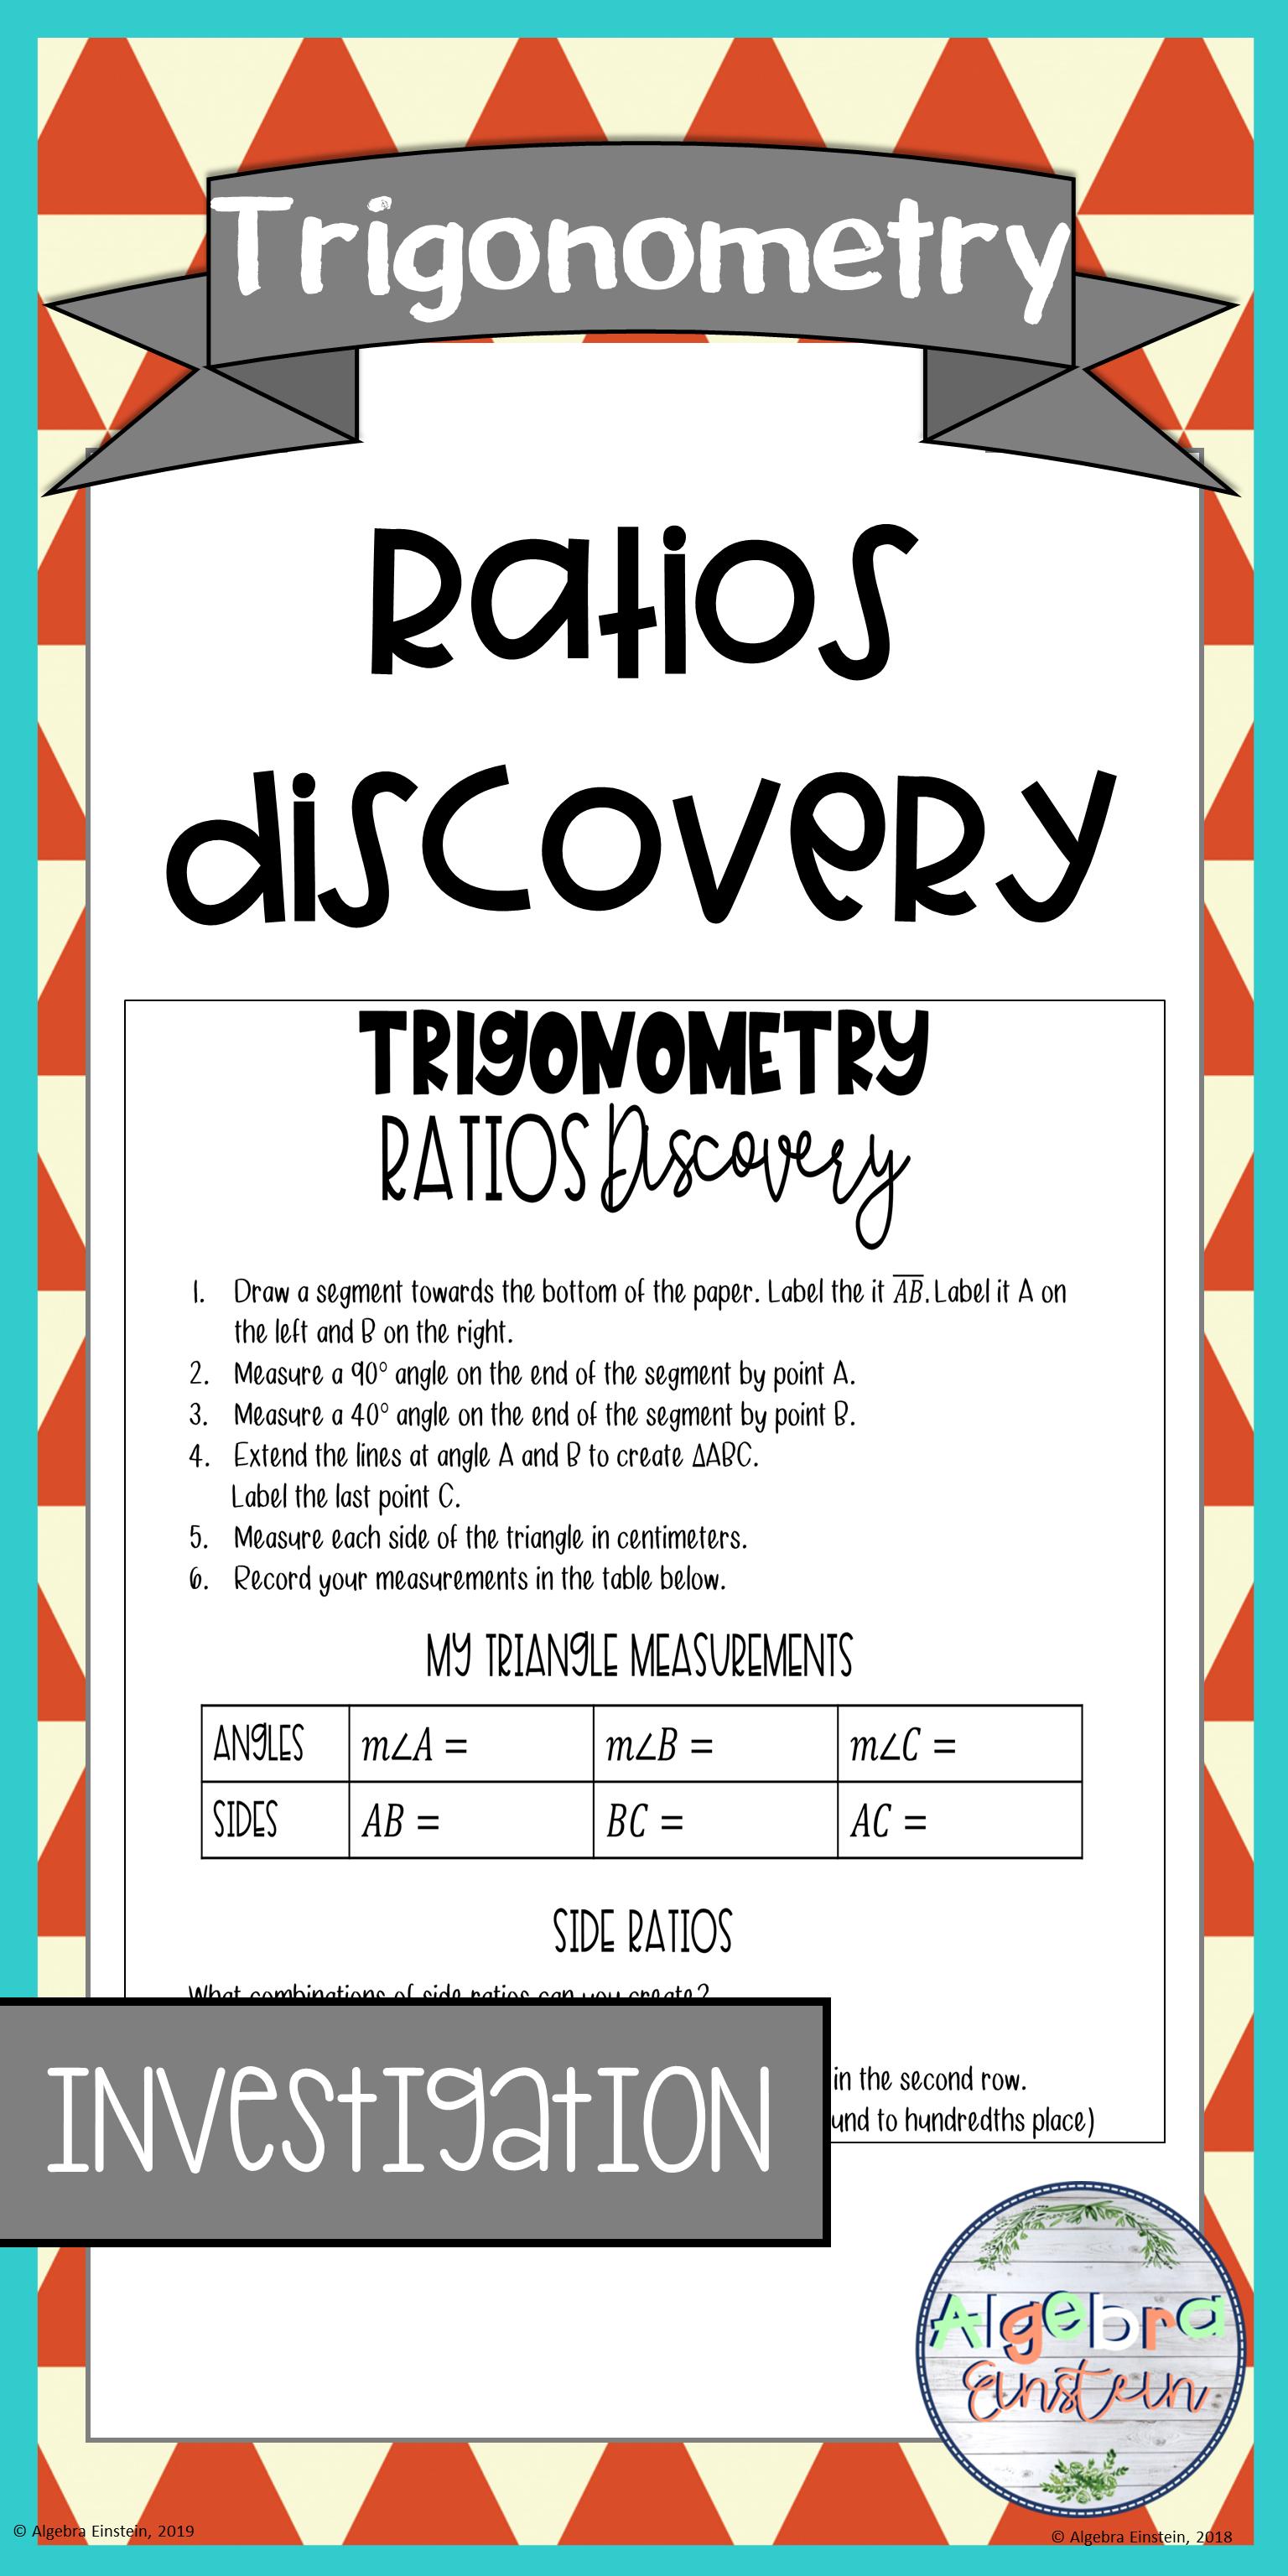 Right Triangle Trigonometry Ratio Discovery Activity